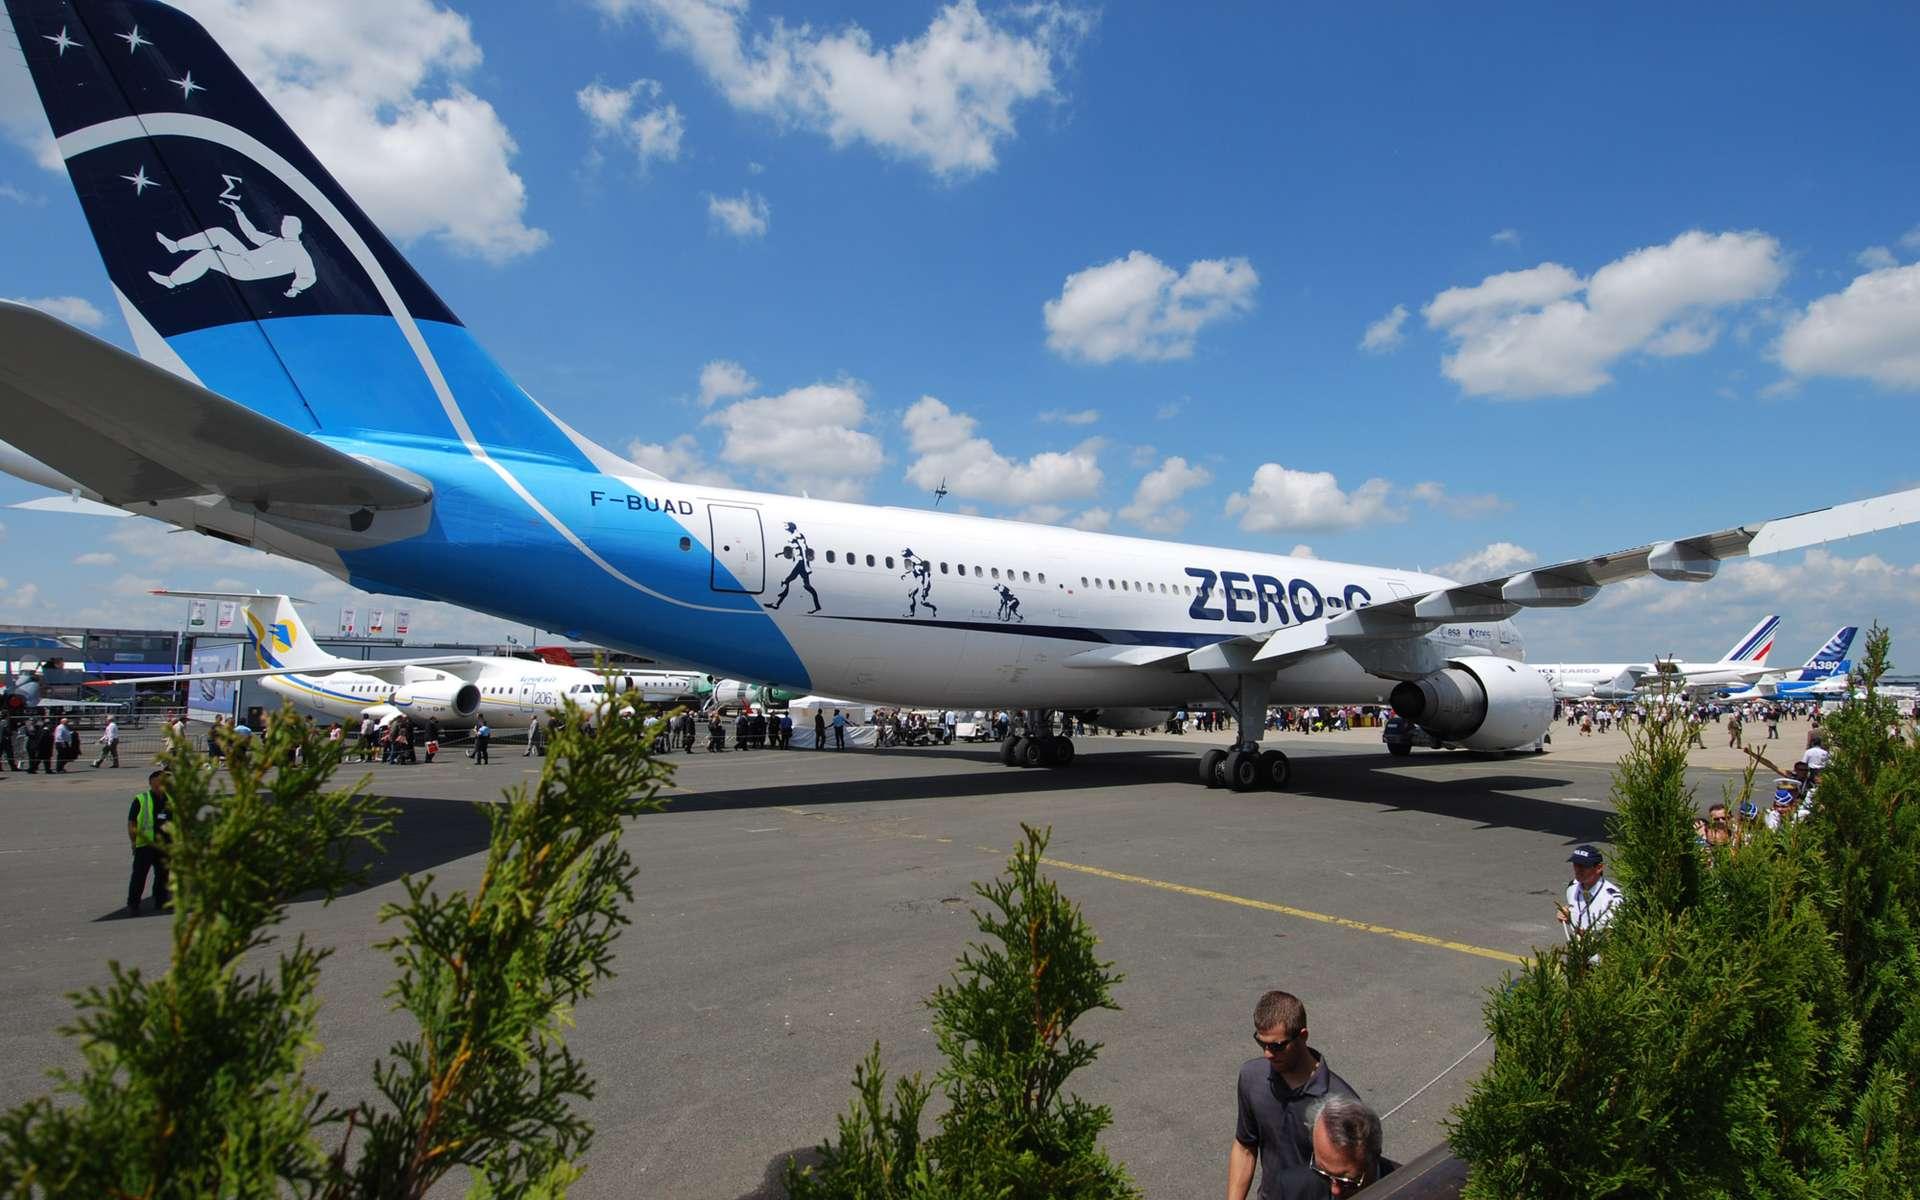 L'Airbus A300 Zéro-G, ici présenté au salon du Bourget en 2009, sera vraisemblablement remplacé fin 2014 par un un autre Airbus. © R. Decourt